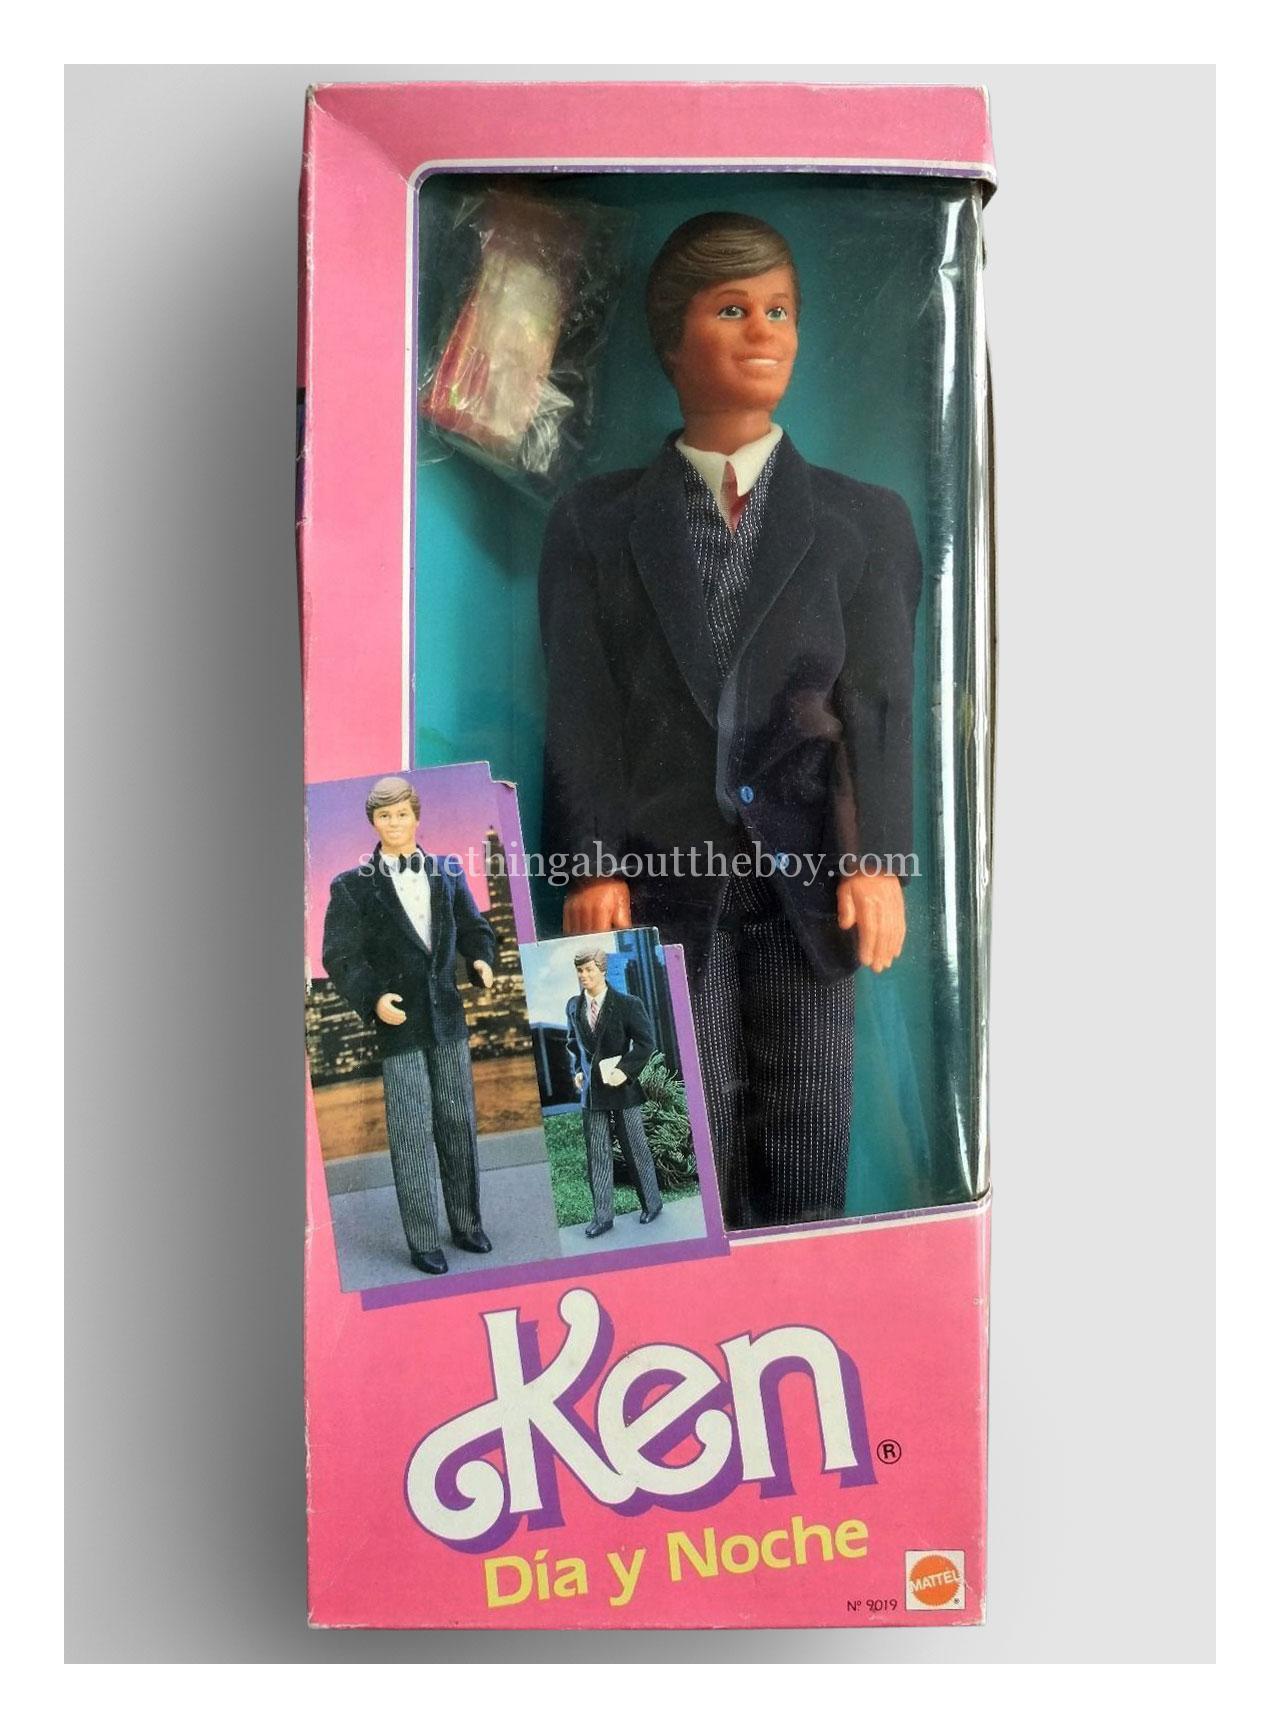 1985 #9019 Ken Día y Noche (Spanish version)